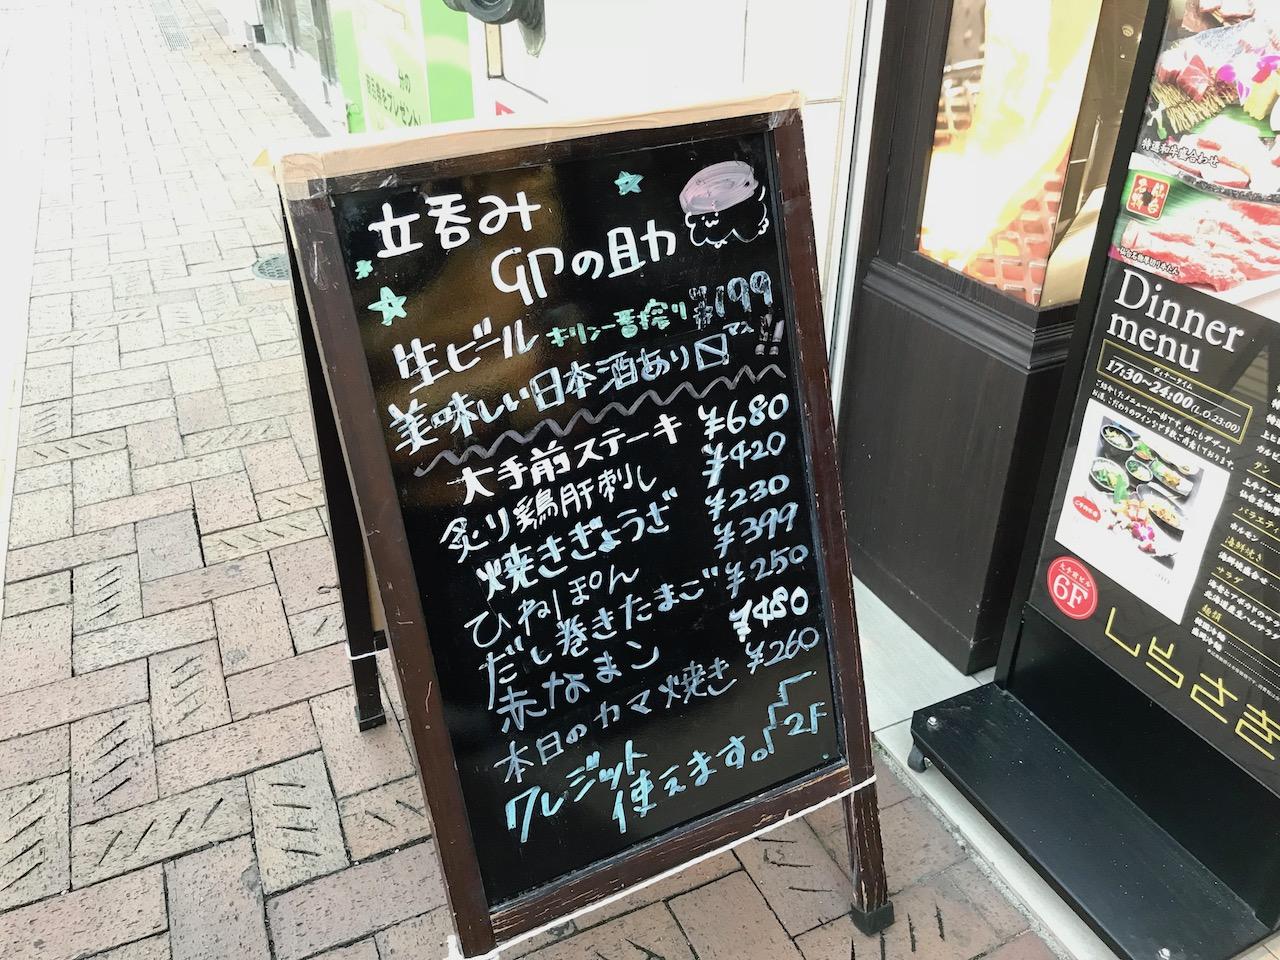 ビールが安い!姫路駅前の立ち呑み「卯の助」は一人飲み客多い?